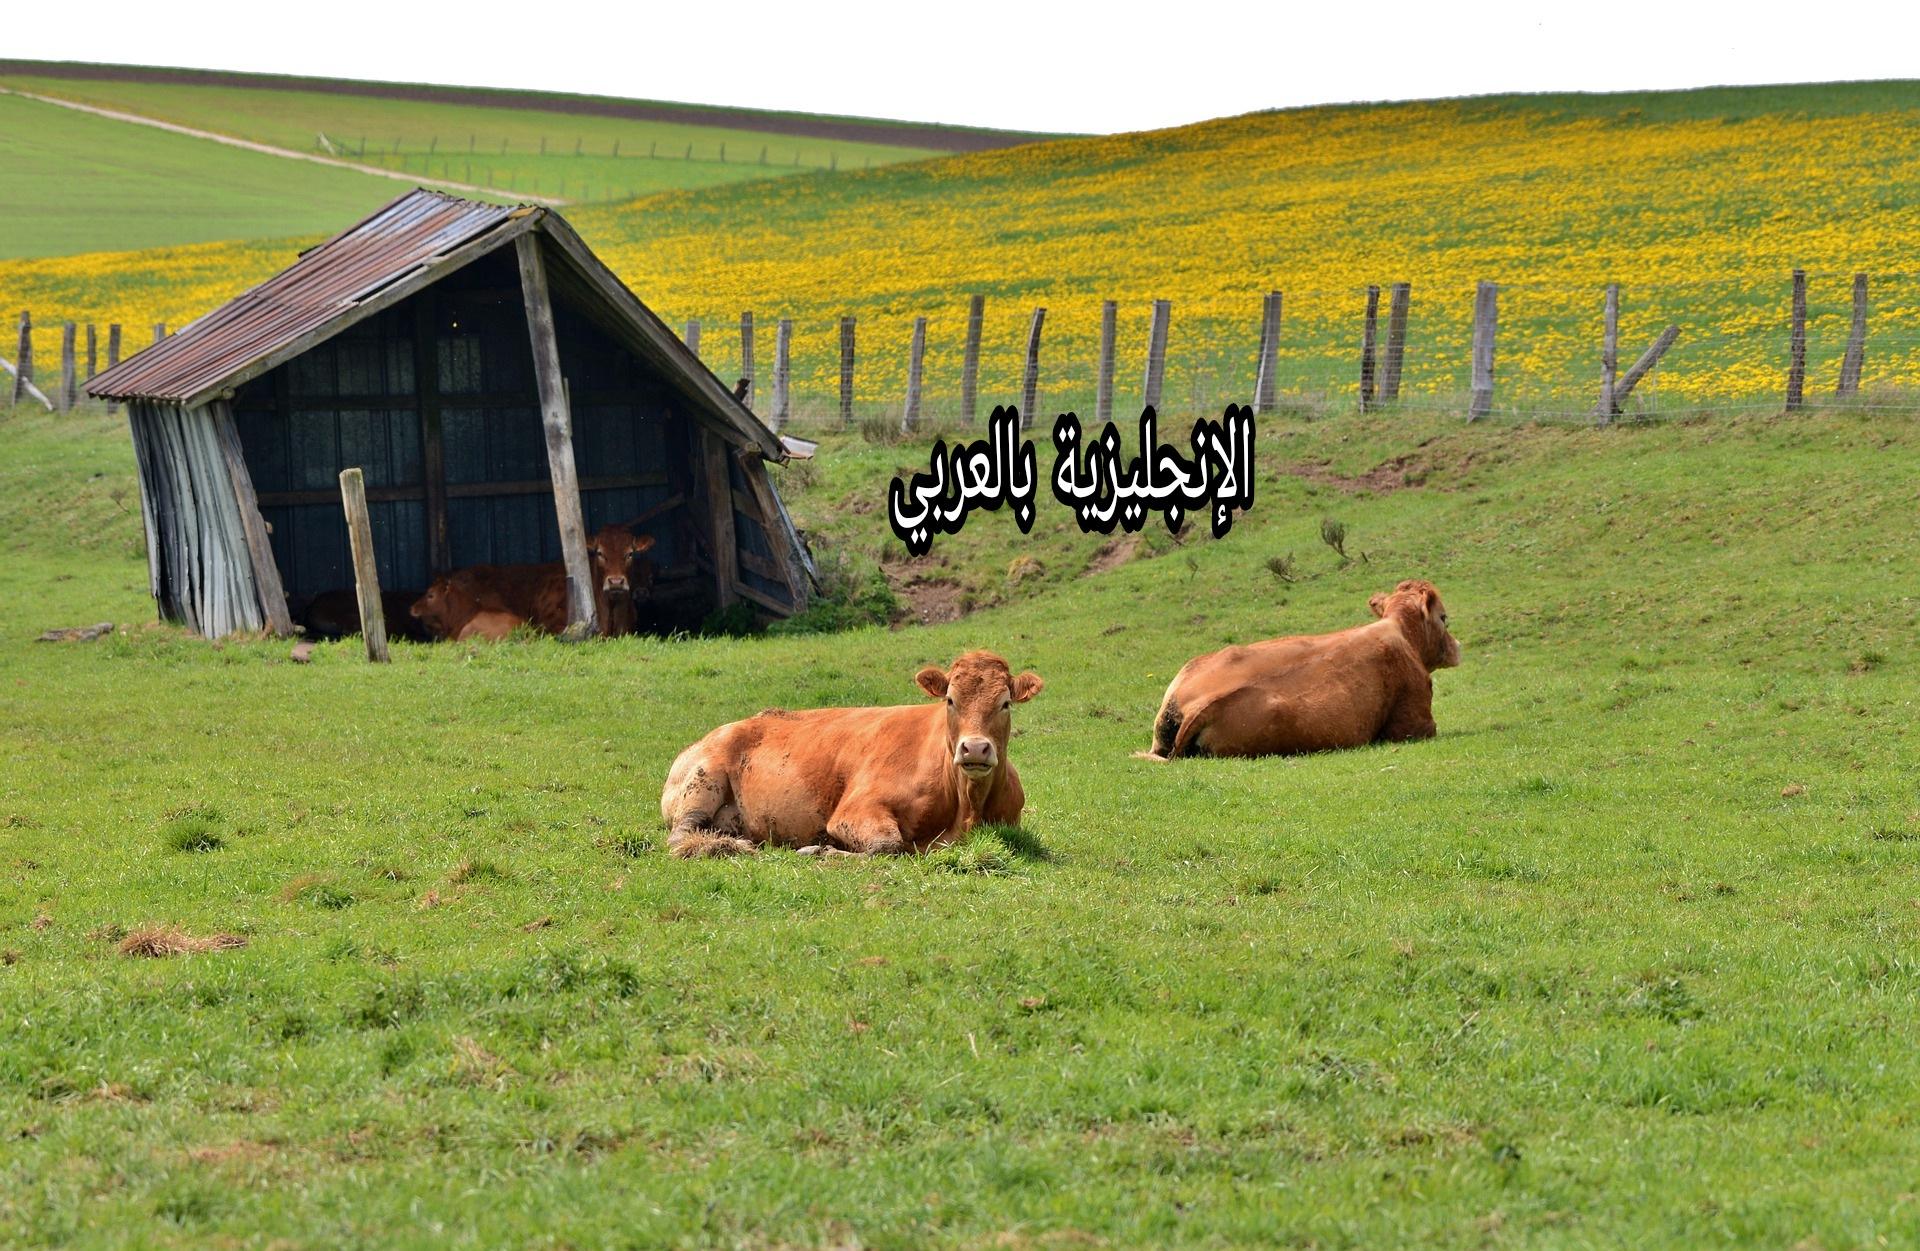 منازل الحيوانات بالإنجليزية